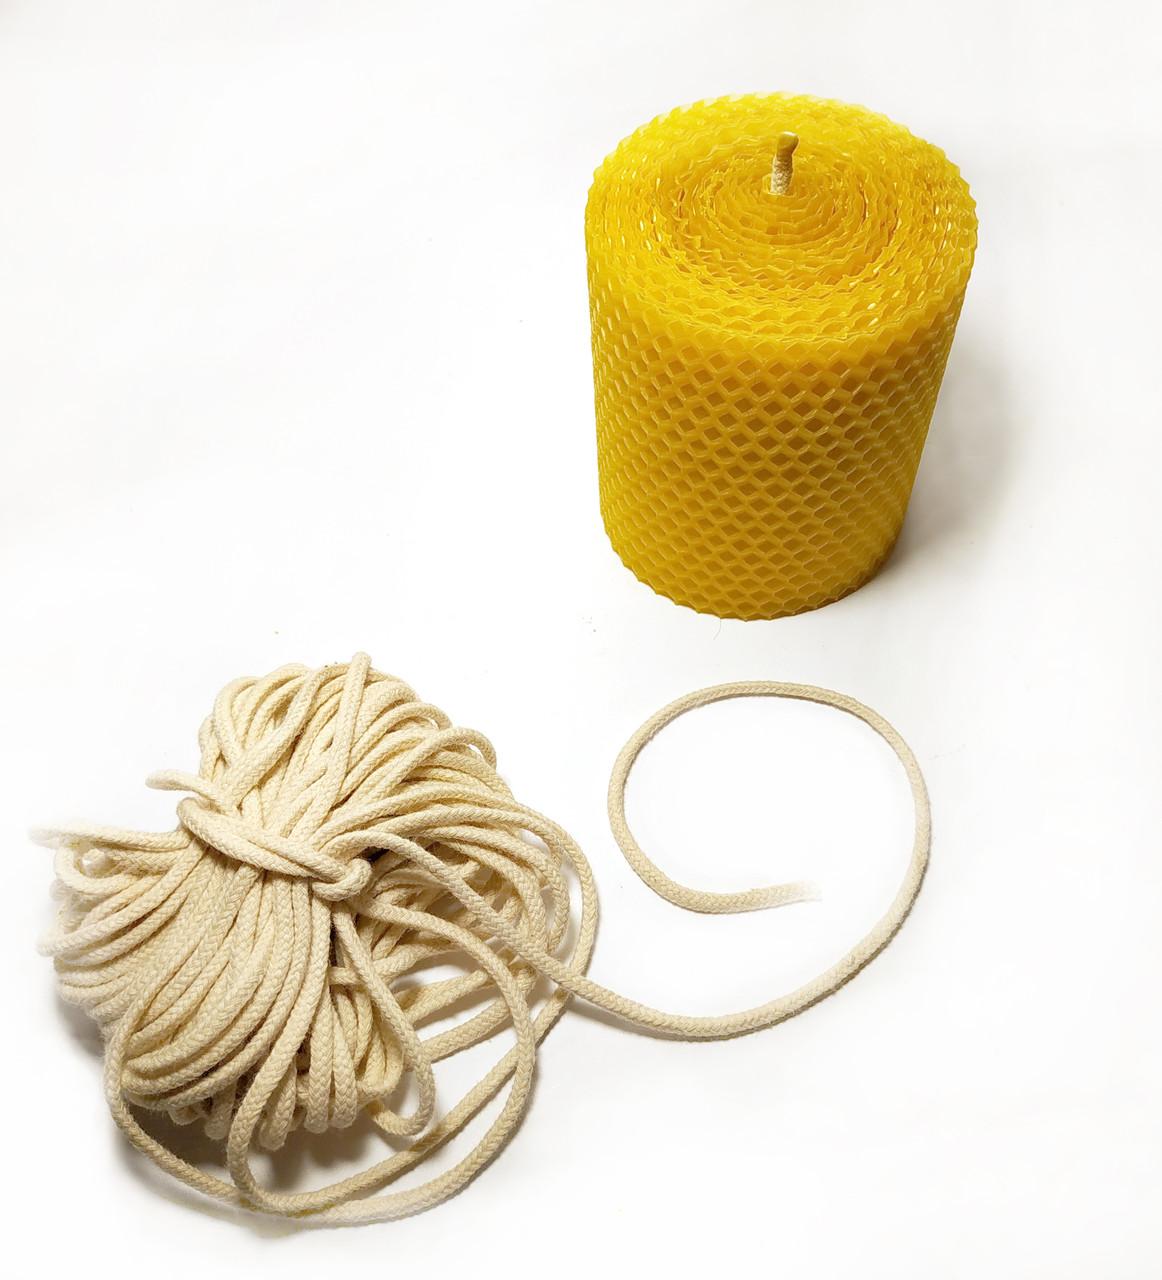 apimag гніт свічковий плетений косичка колосок круглий apimag апимаг